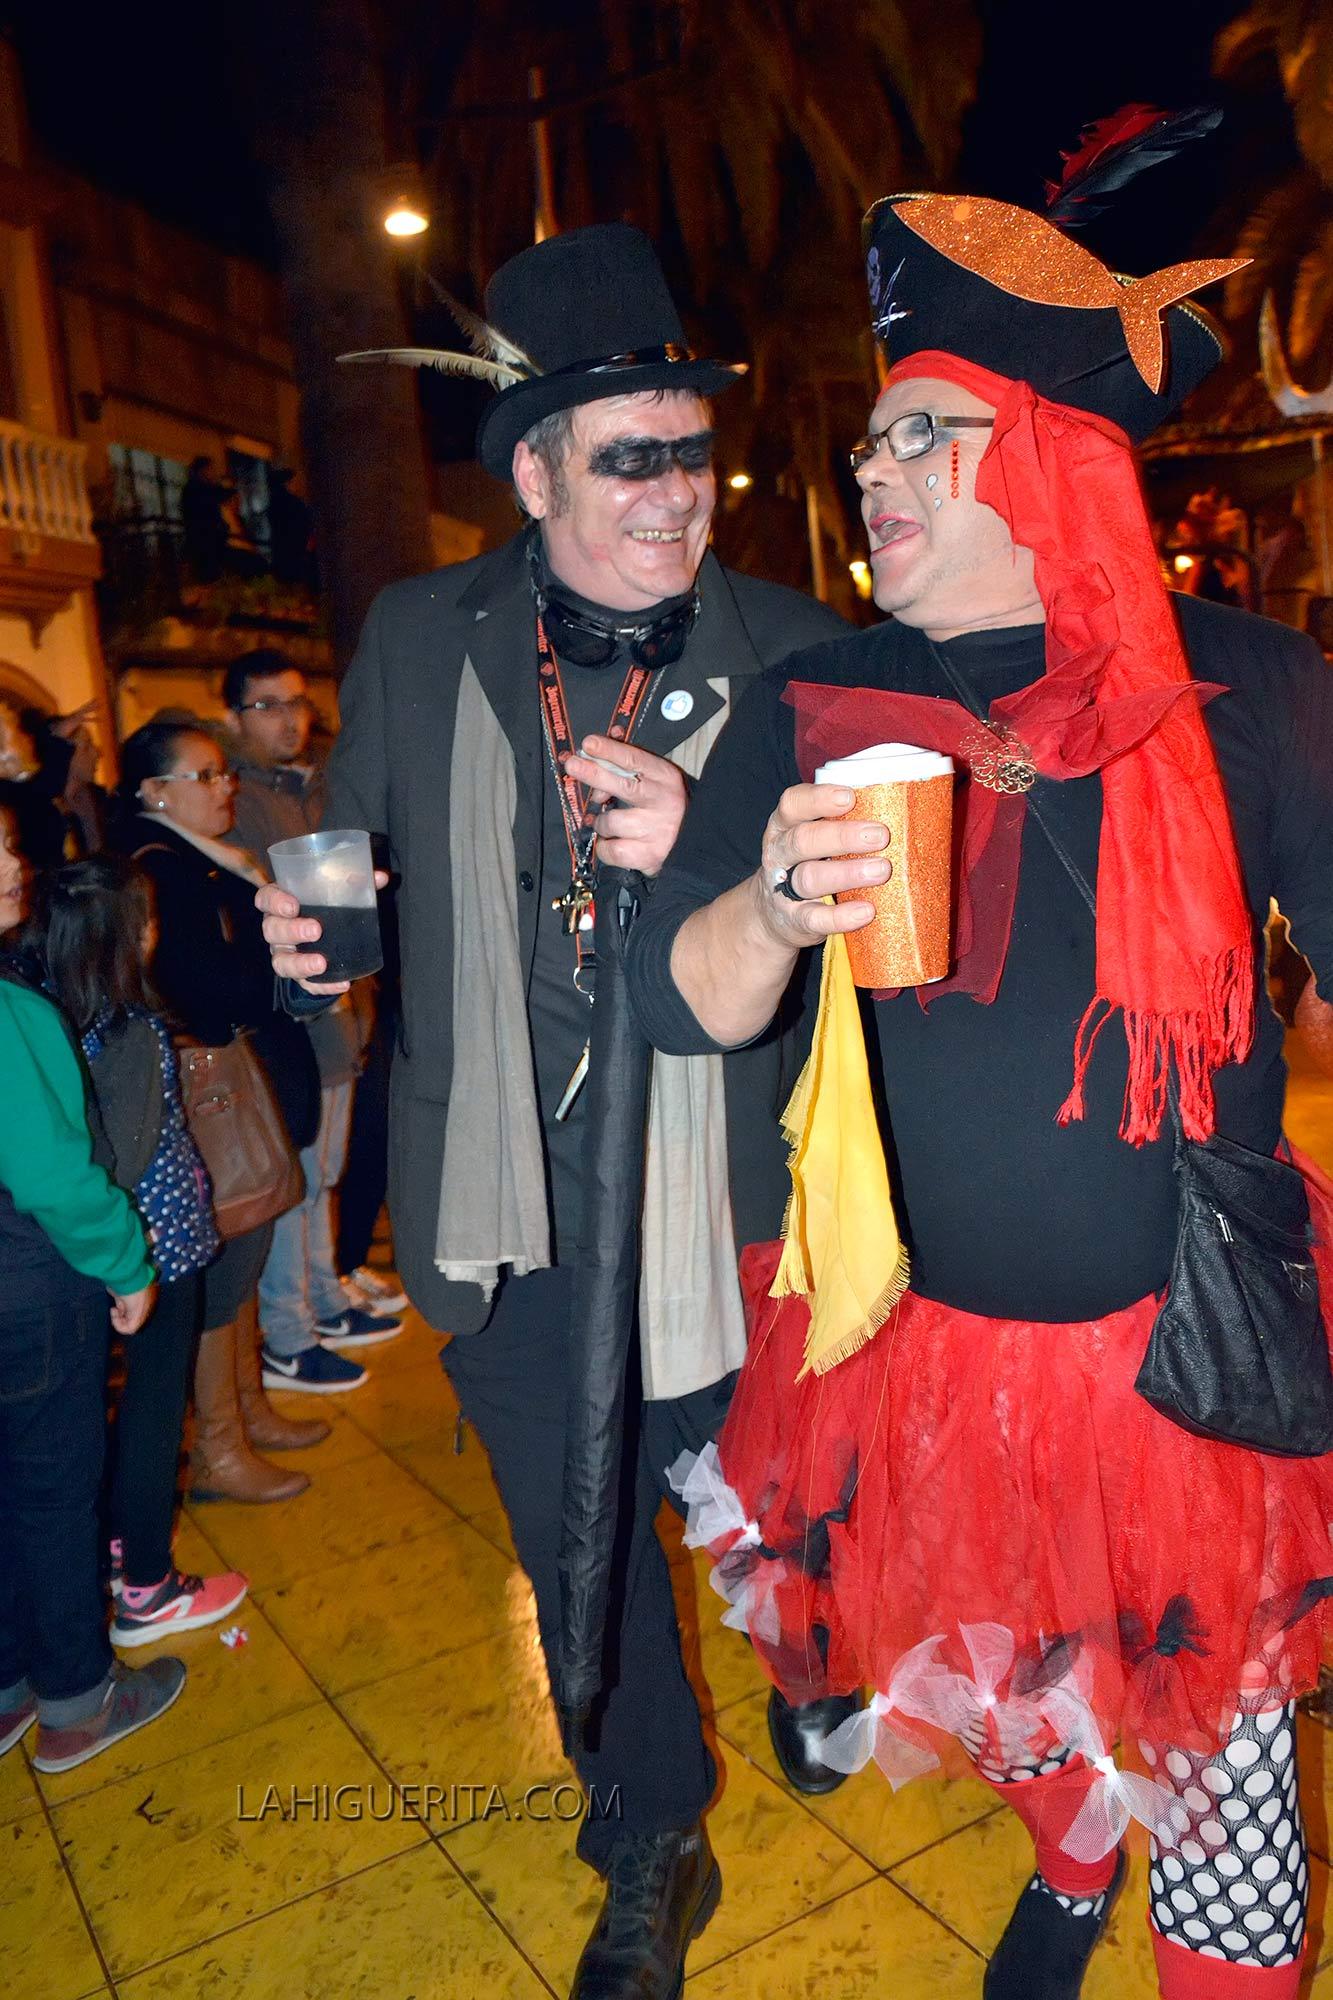 Entierro de la sardina carnaval isla cristina _DSC2263